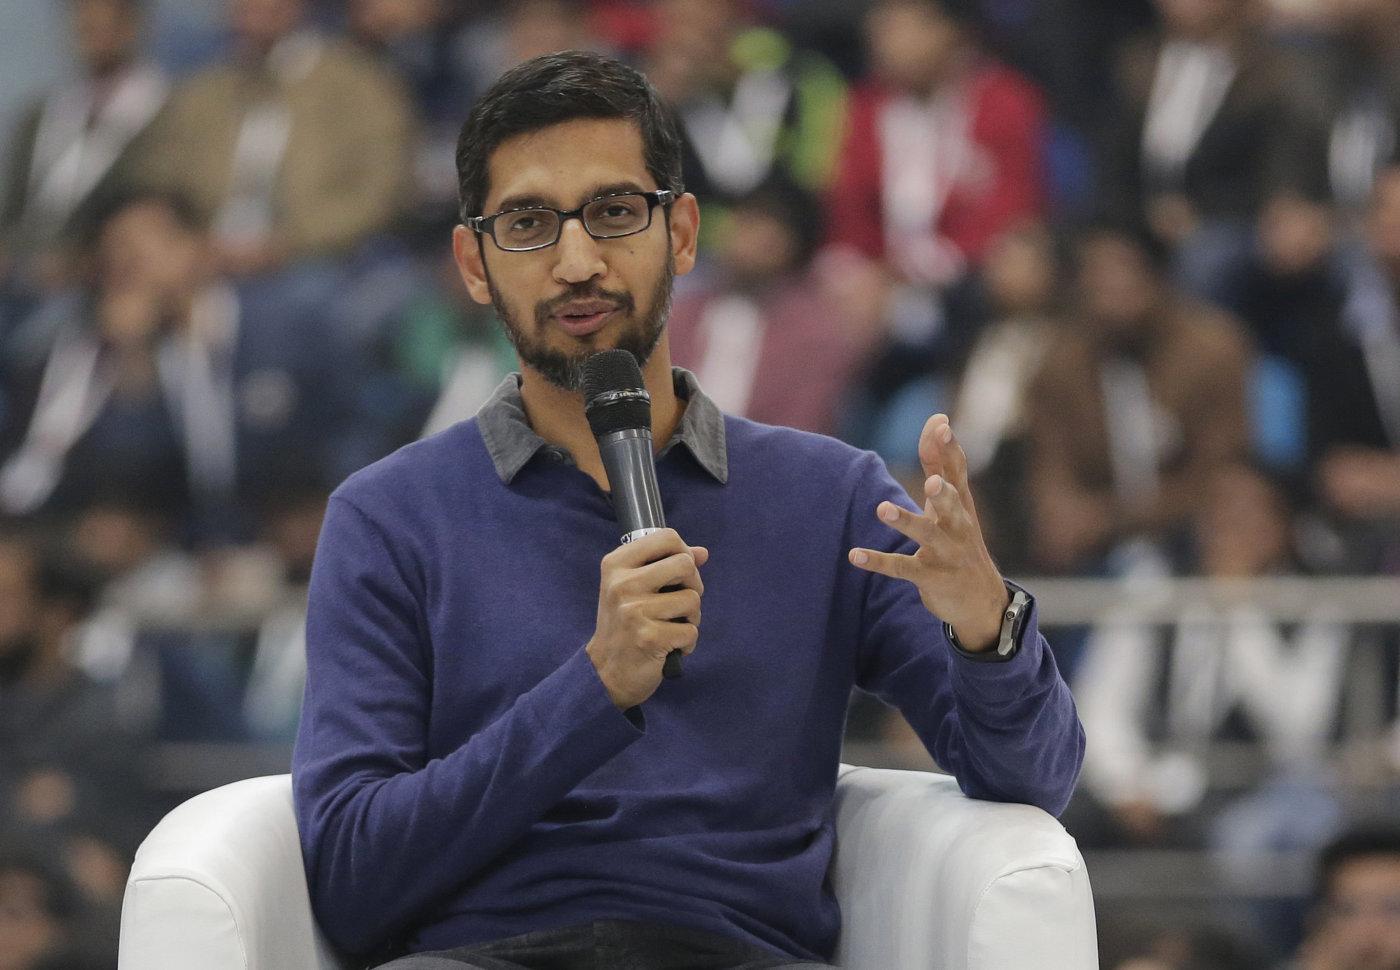 صورة الرئيس التنفيذي لشركة جوجل الأعلى أجرا في الولايات المتحدة